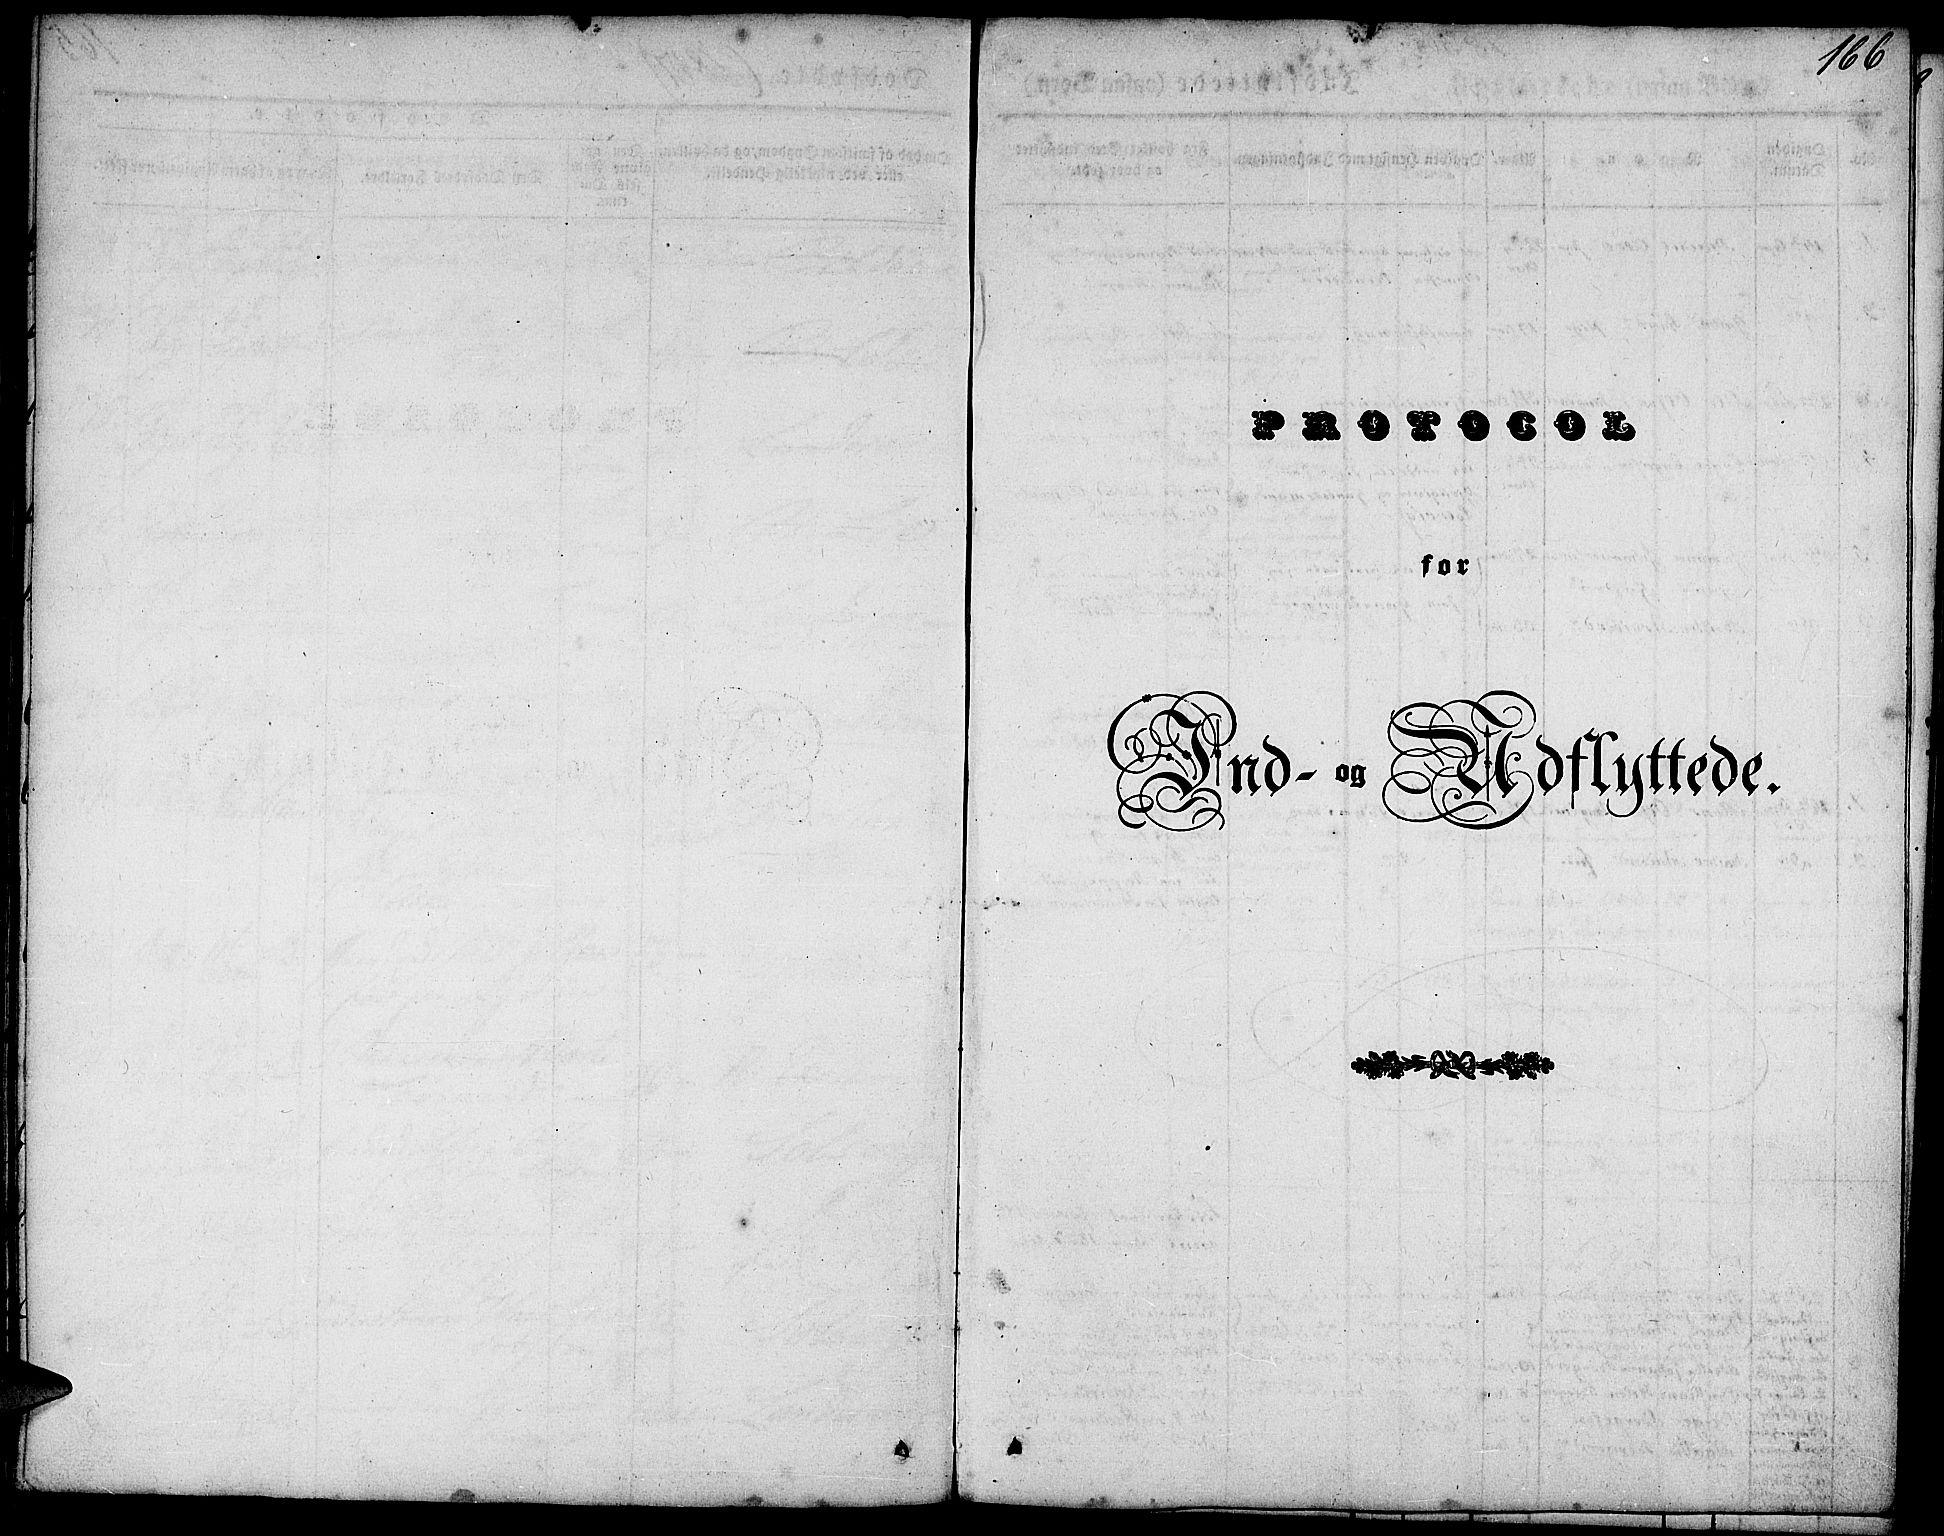 SAB, Fjell sokneprestembete, H/Haa: Ministerialbok nr. A 1, 1835-1850, s. 166